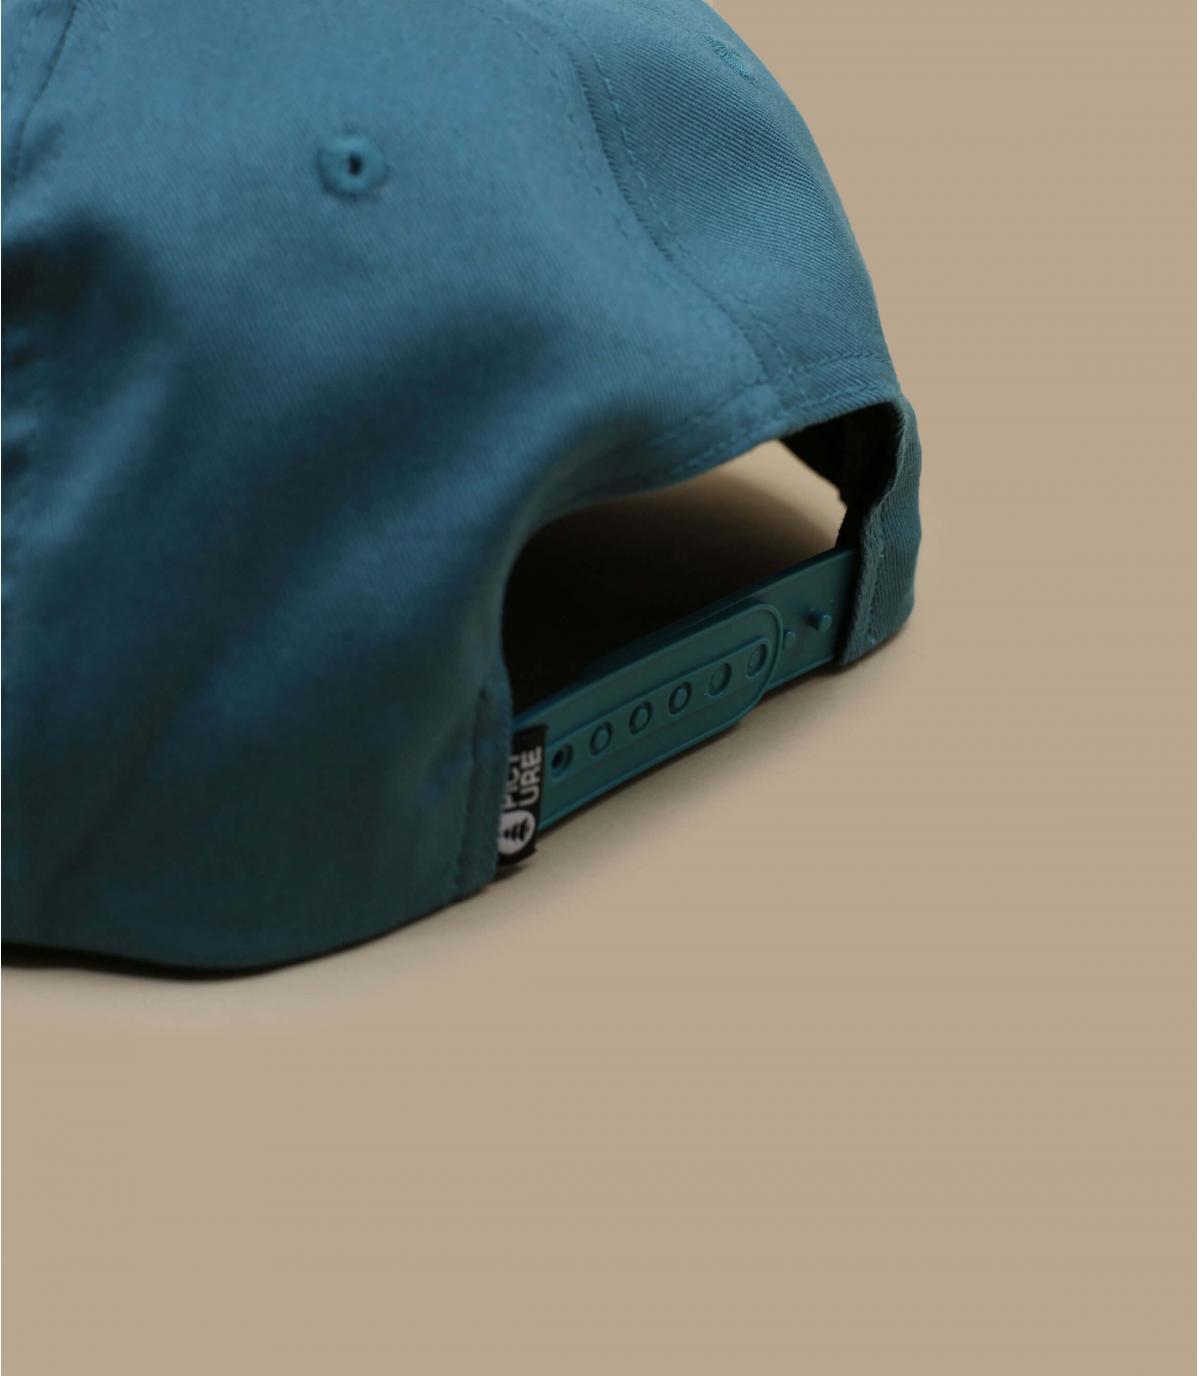 Détails Qilo hydro blue - image 4